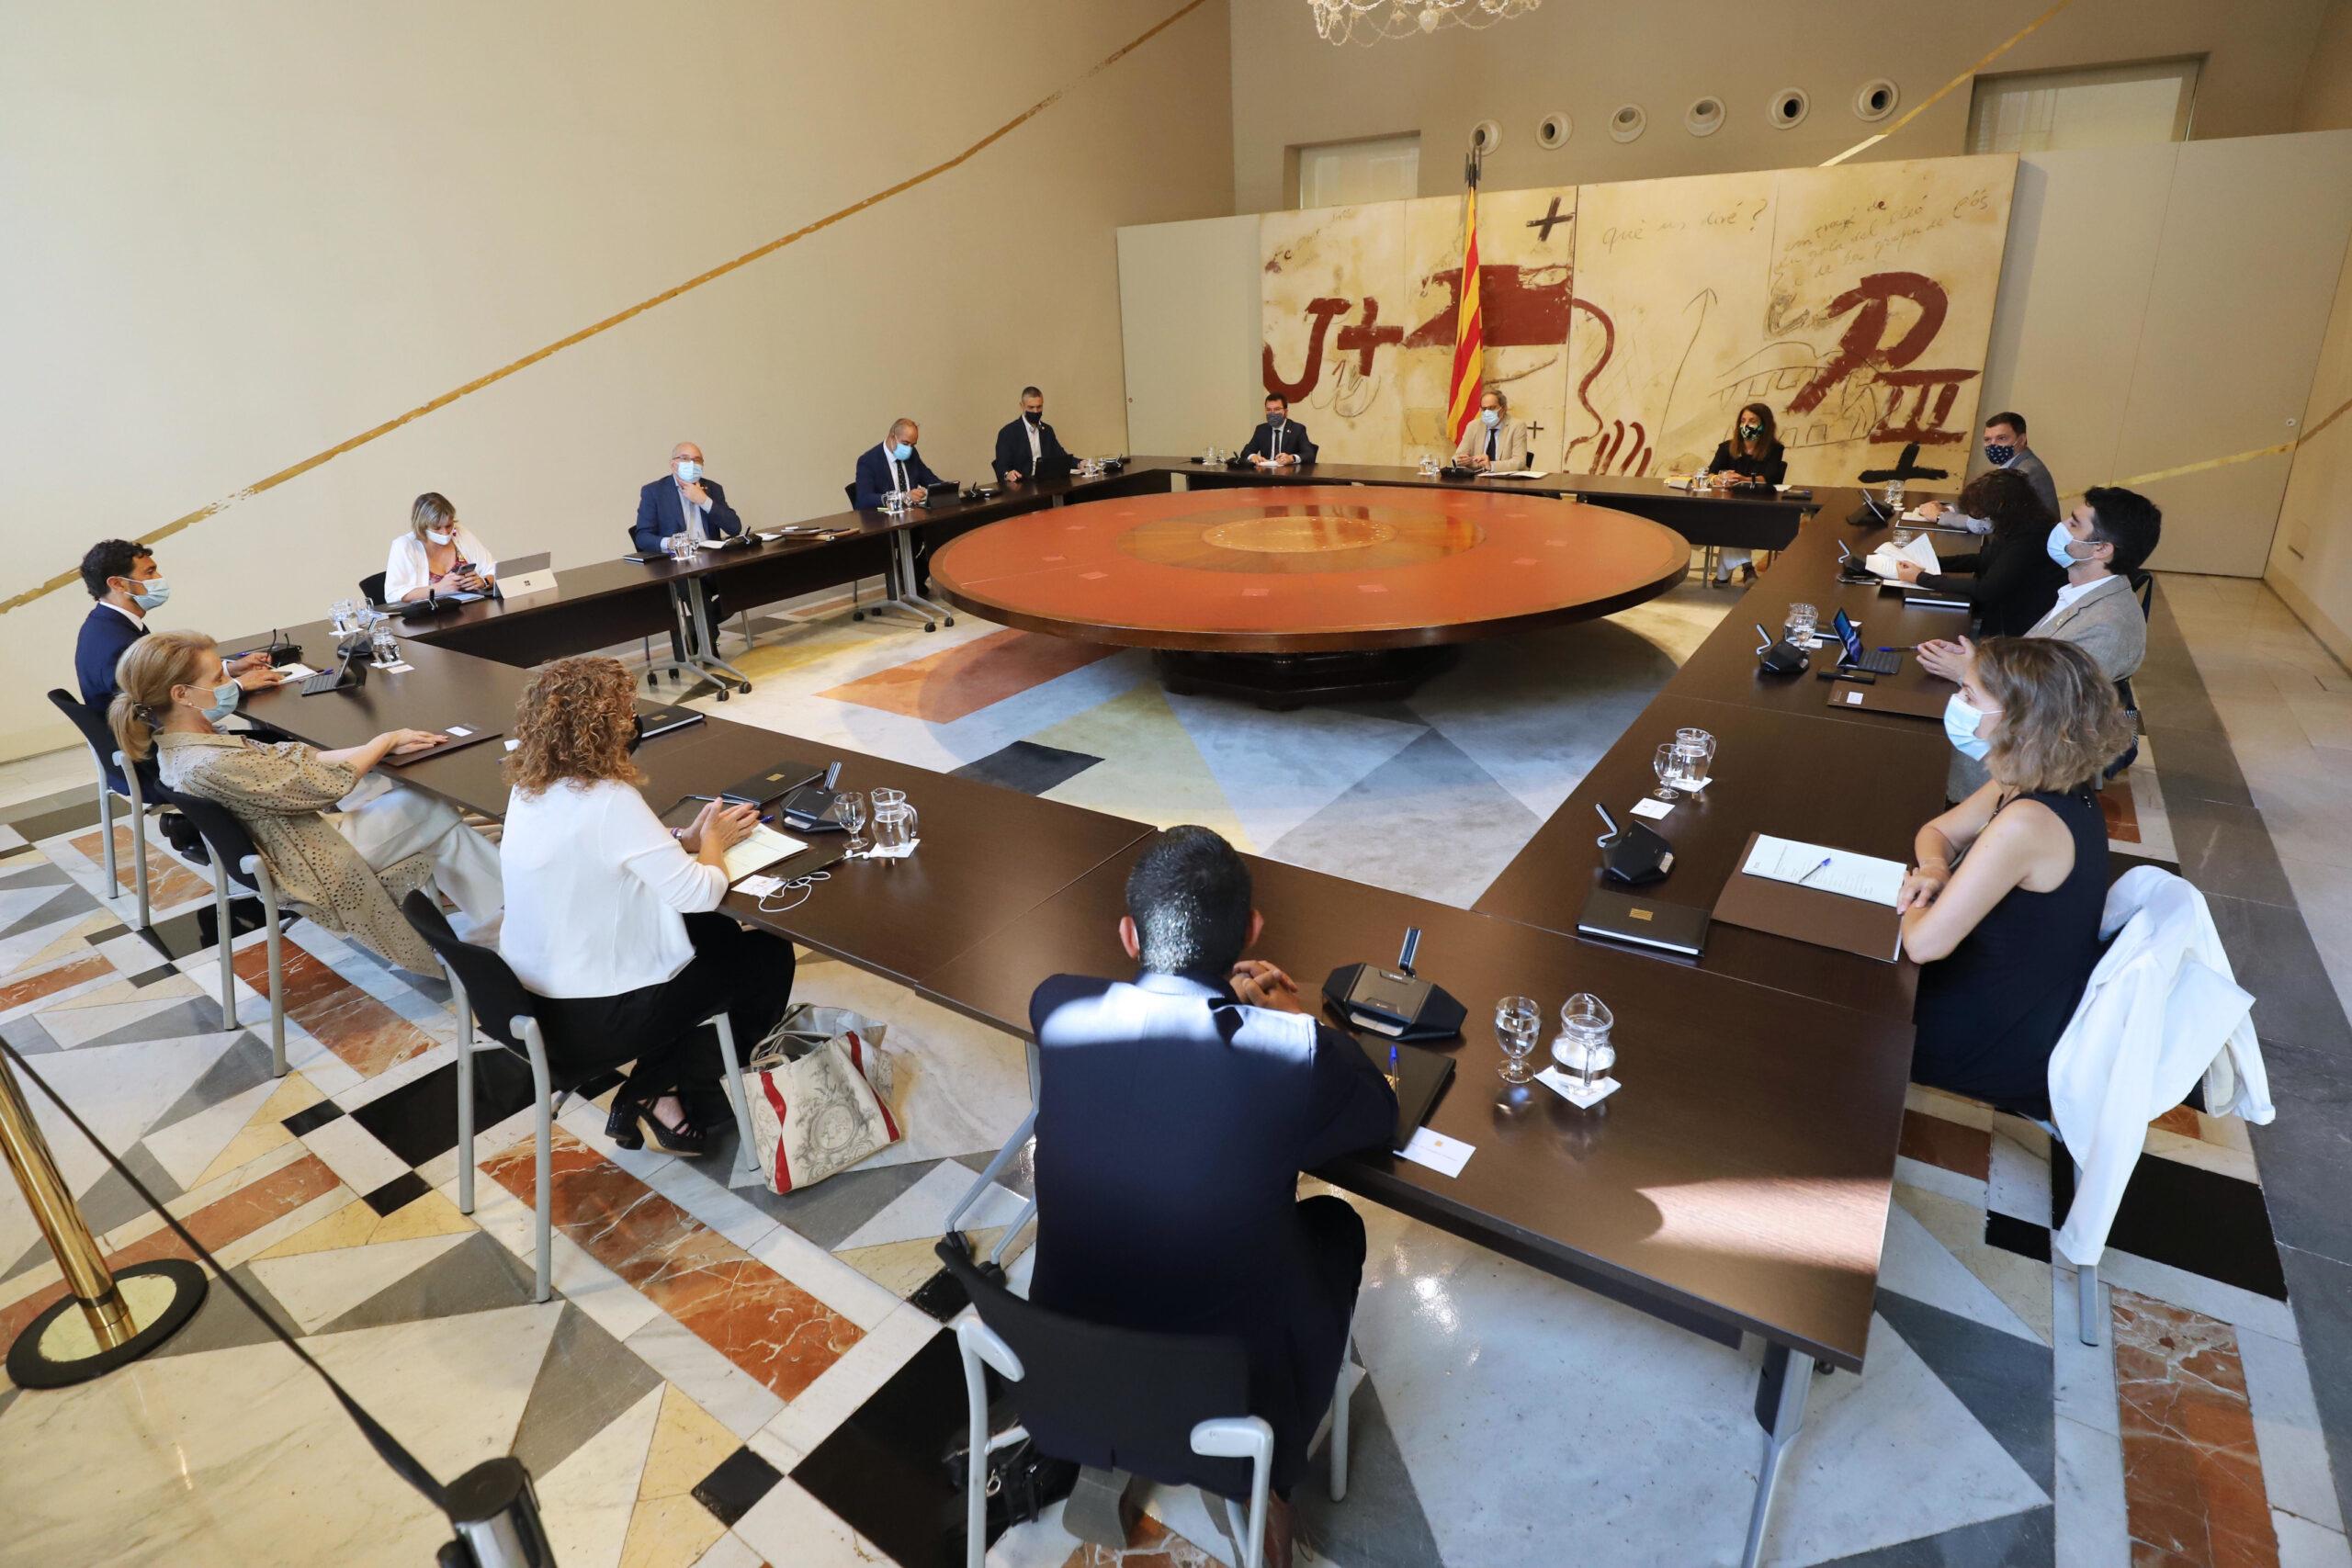 Pla general de la reunió extraordinària del Consell Executiu a Palau, el 25 d'agost de 2020 (Horitzontal)